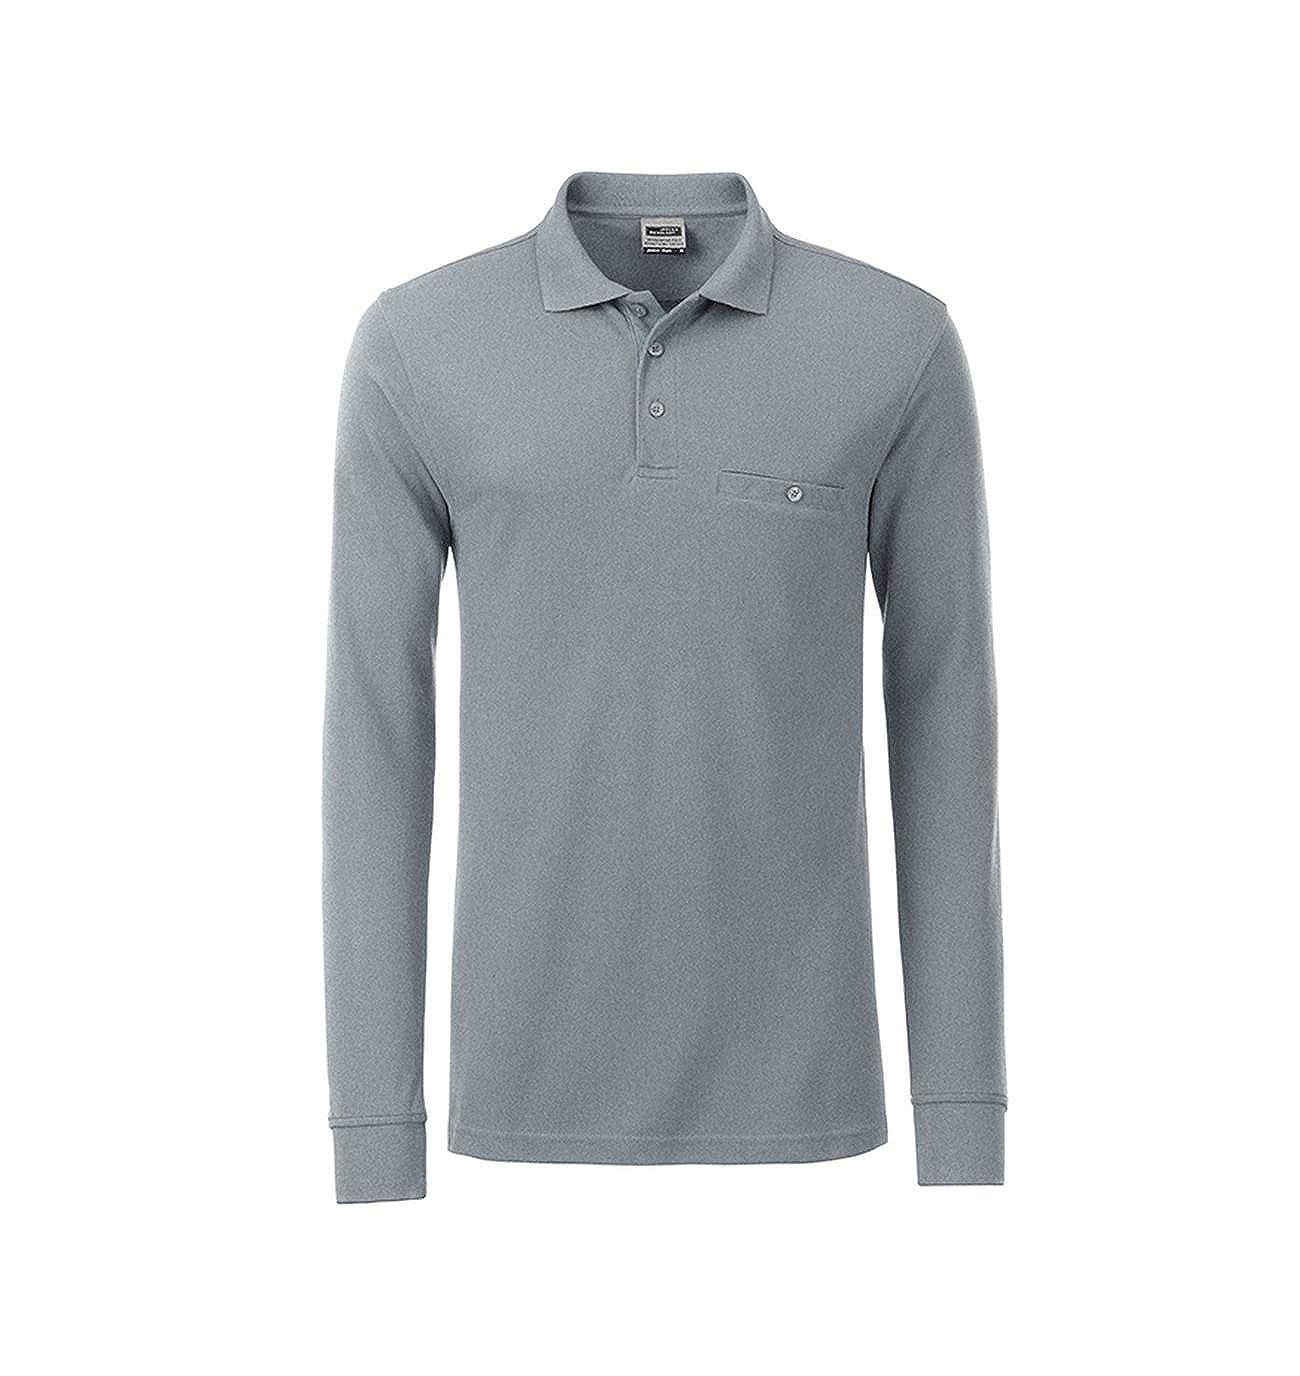 RTY Workwear Herren Polo-Shirt S bis 10XL